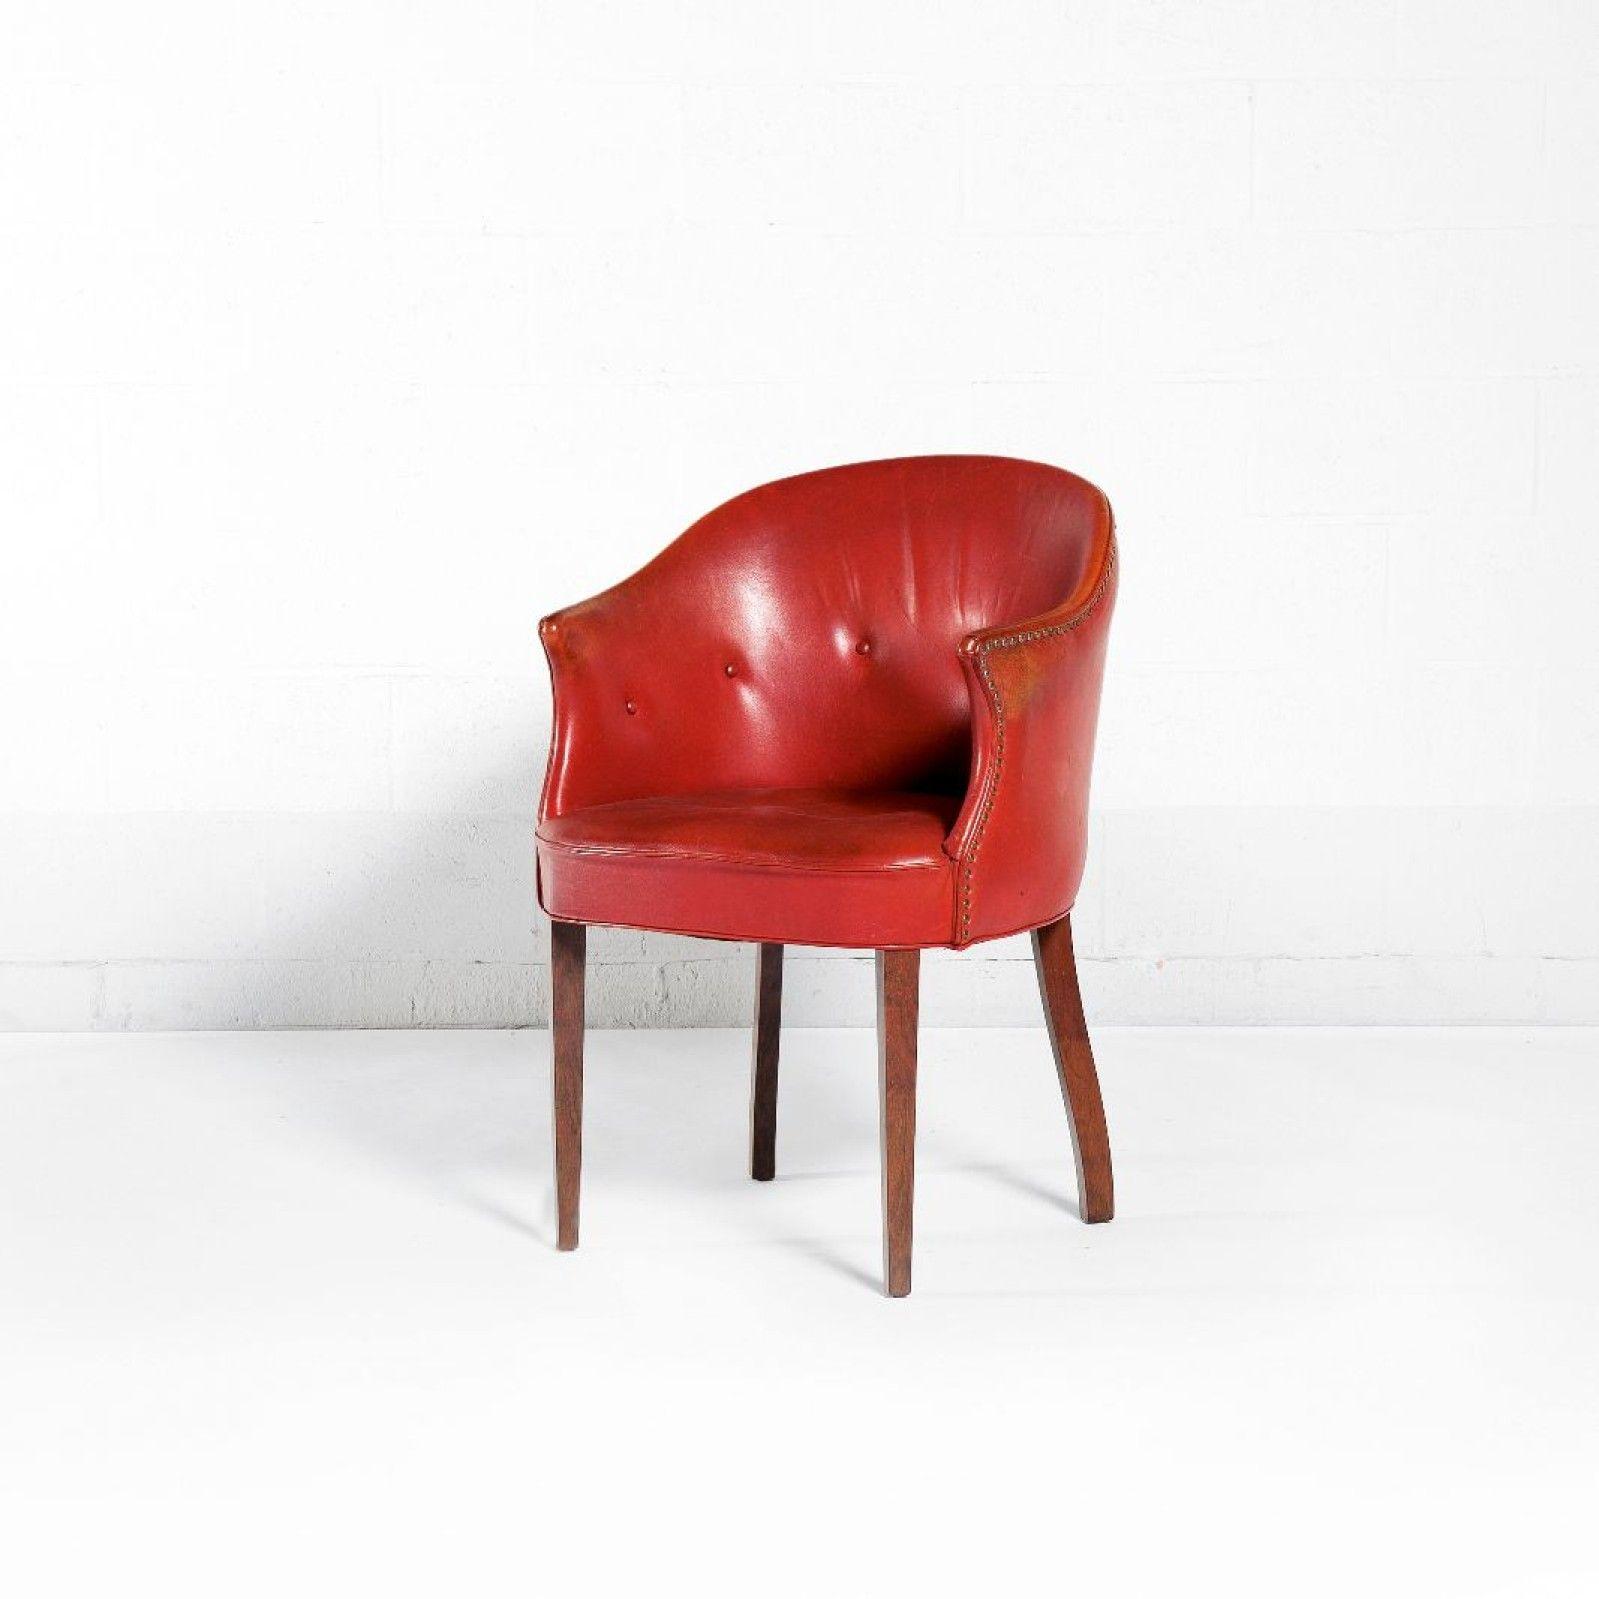 FRITZ HENNINGSEN Danemark Rare fauteuil Palissandre, cuir rouge ...